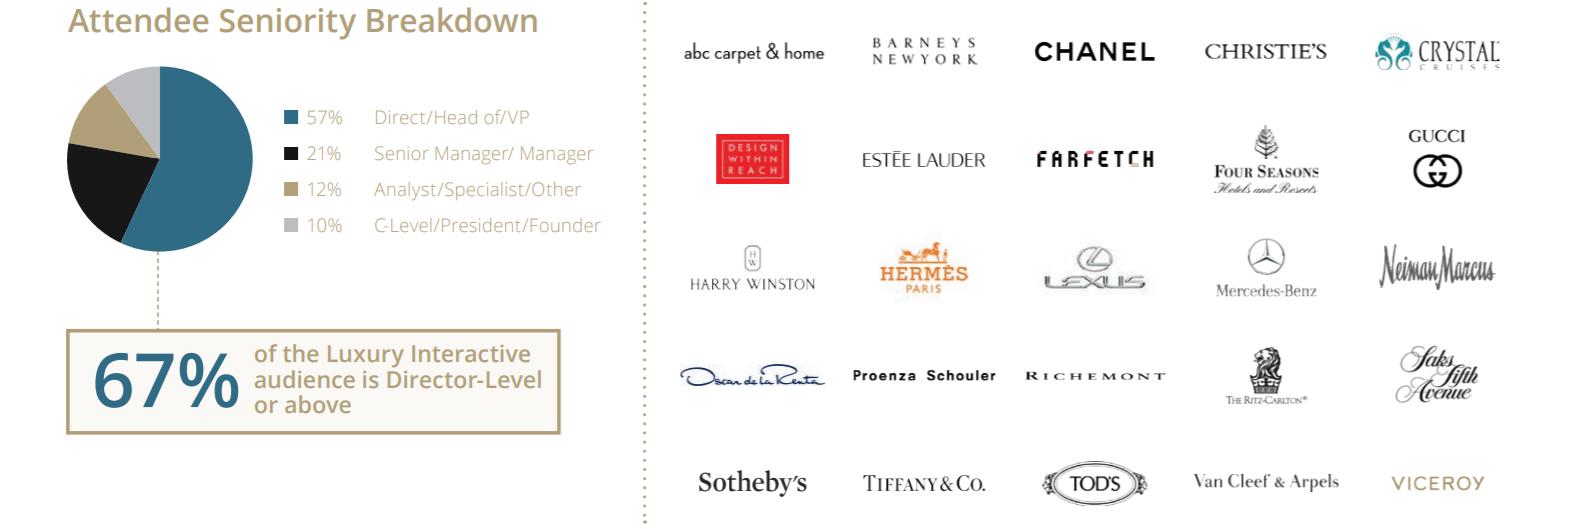 2018 Attendees Luxury Interactive 2018 - luxury conferences - nyc conferences - luxury conferences 2018